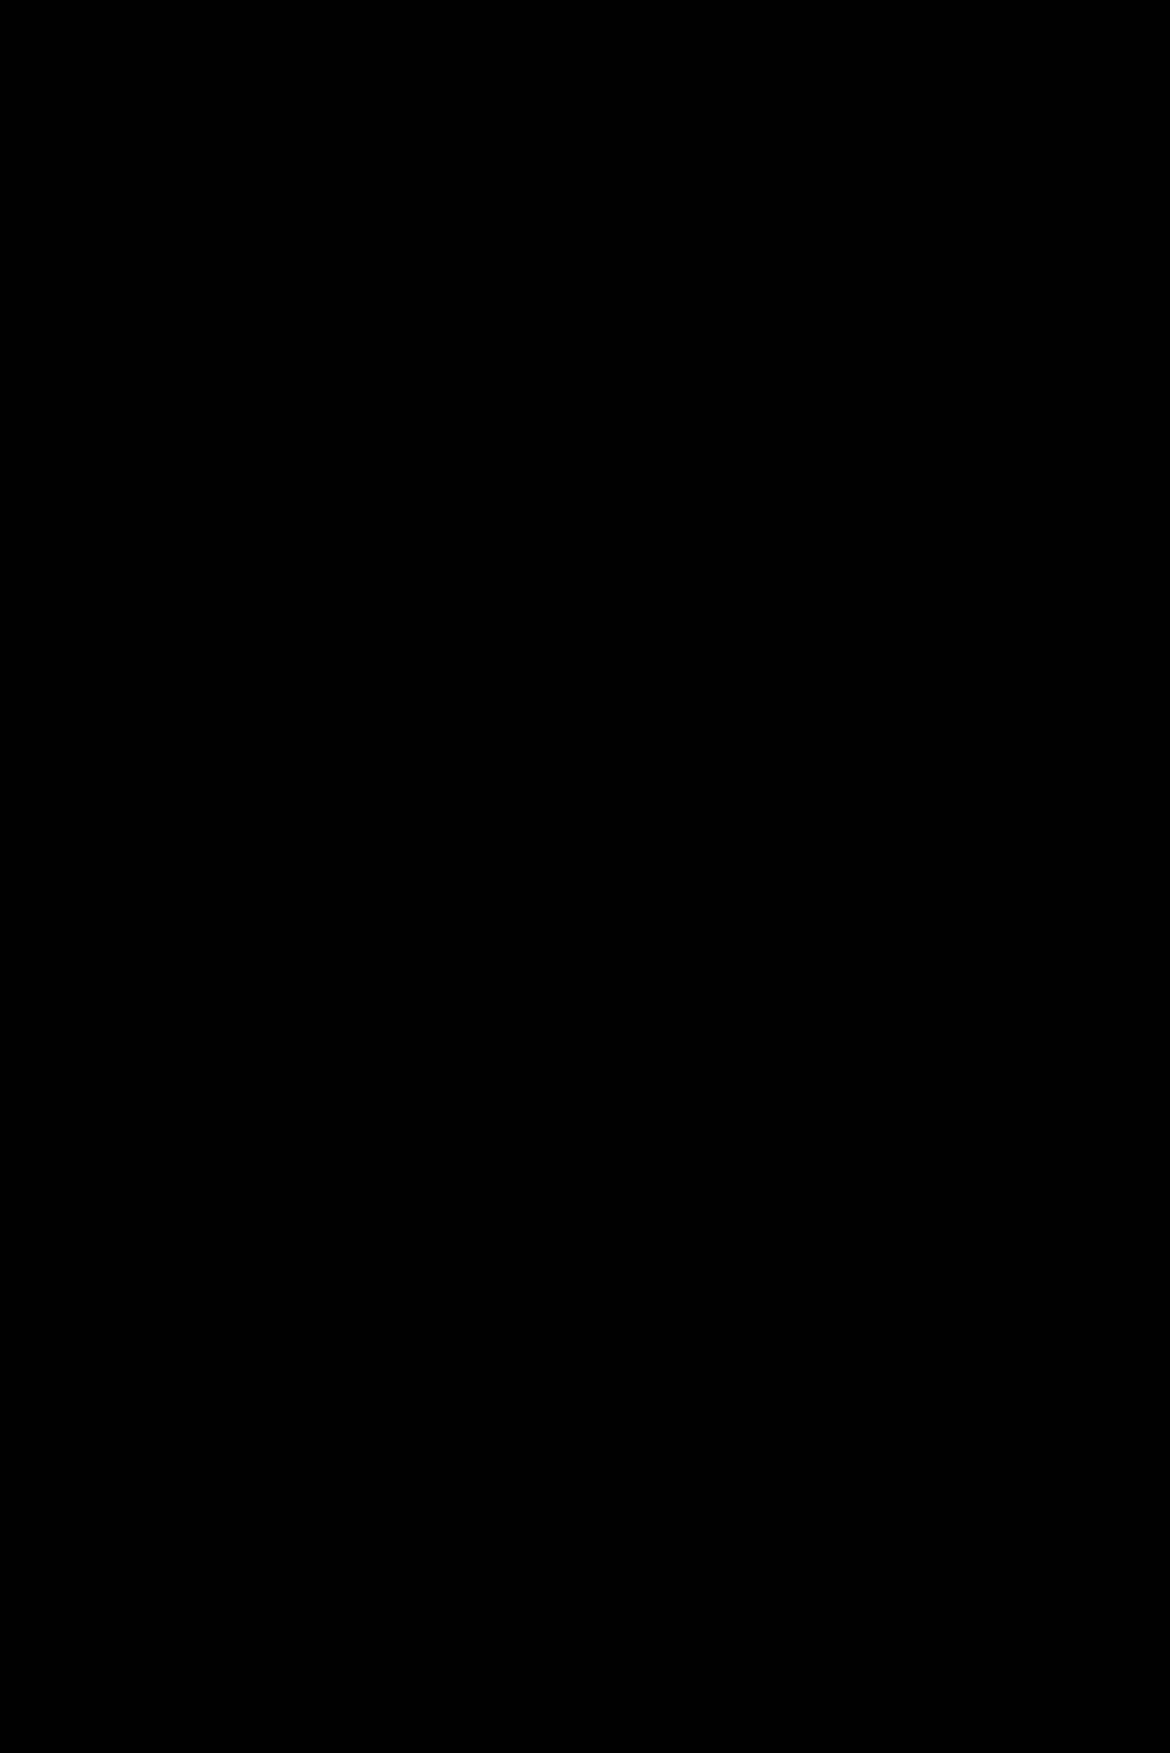 Laura Comolli in abito Stella Jean a Chitchen Itza - Yucatàn Messico: Il mio diario di viaggio - parte II